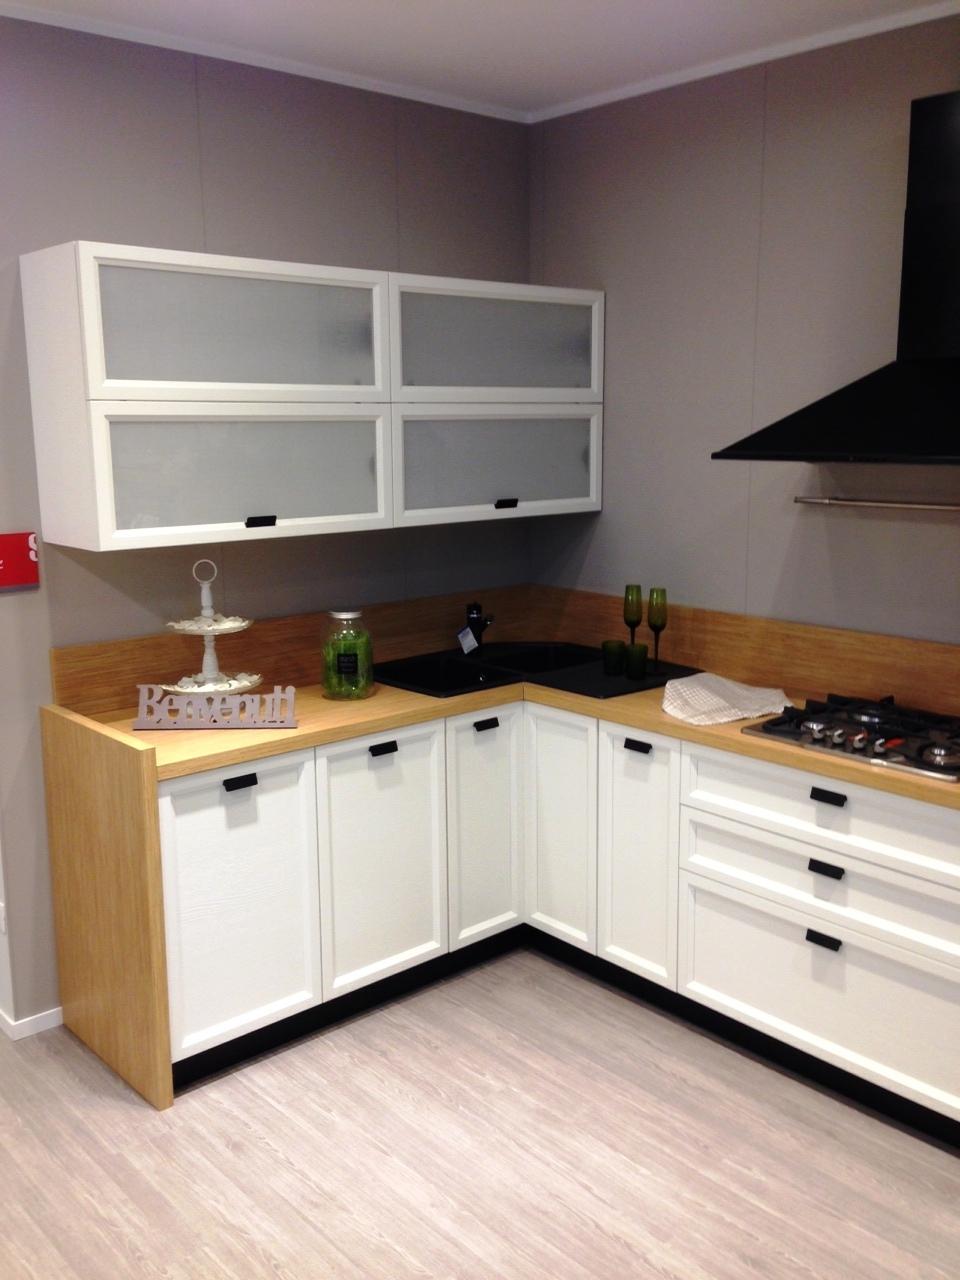 scavolini cucina atelier scontato del 48 cucine a prezzi scontati. Black Bedroom Furniture Sets. Home Design Ideas